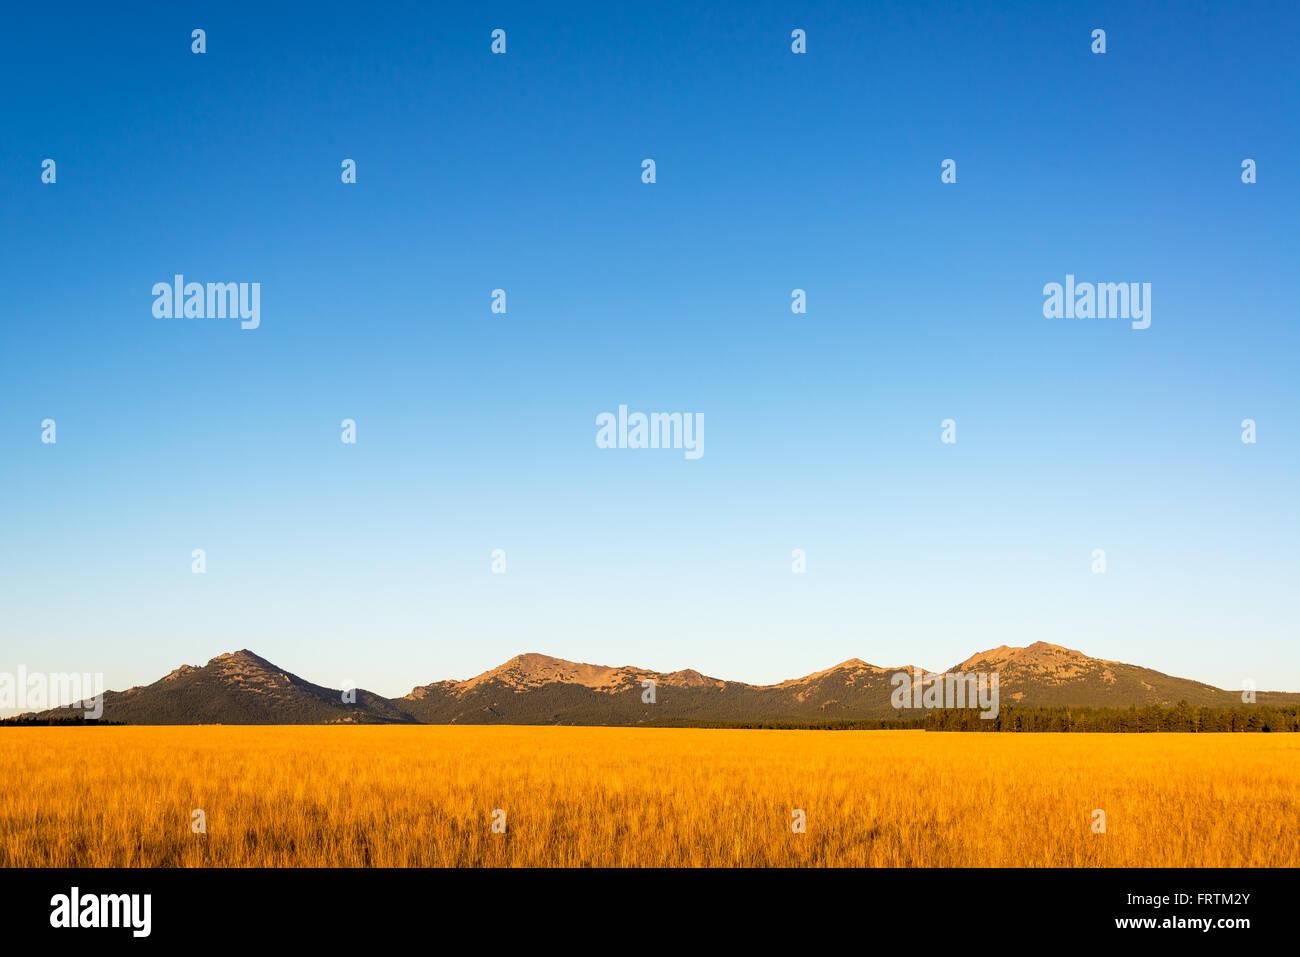 Montagnes Bighorn dans le Wyoming baigné dans la belle lumière du matin Photo Stock